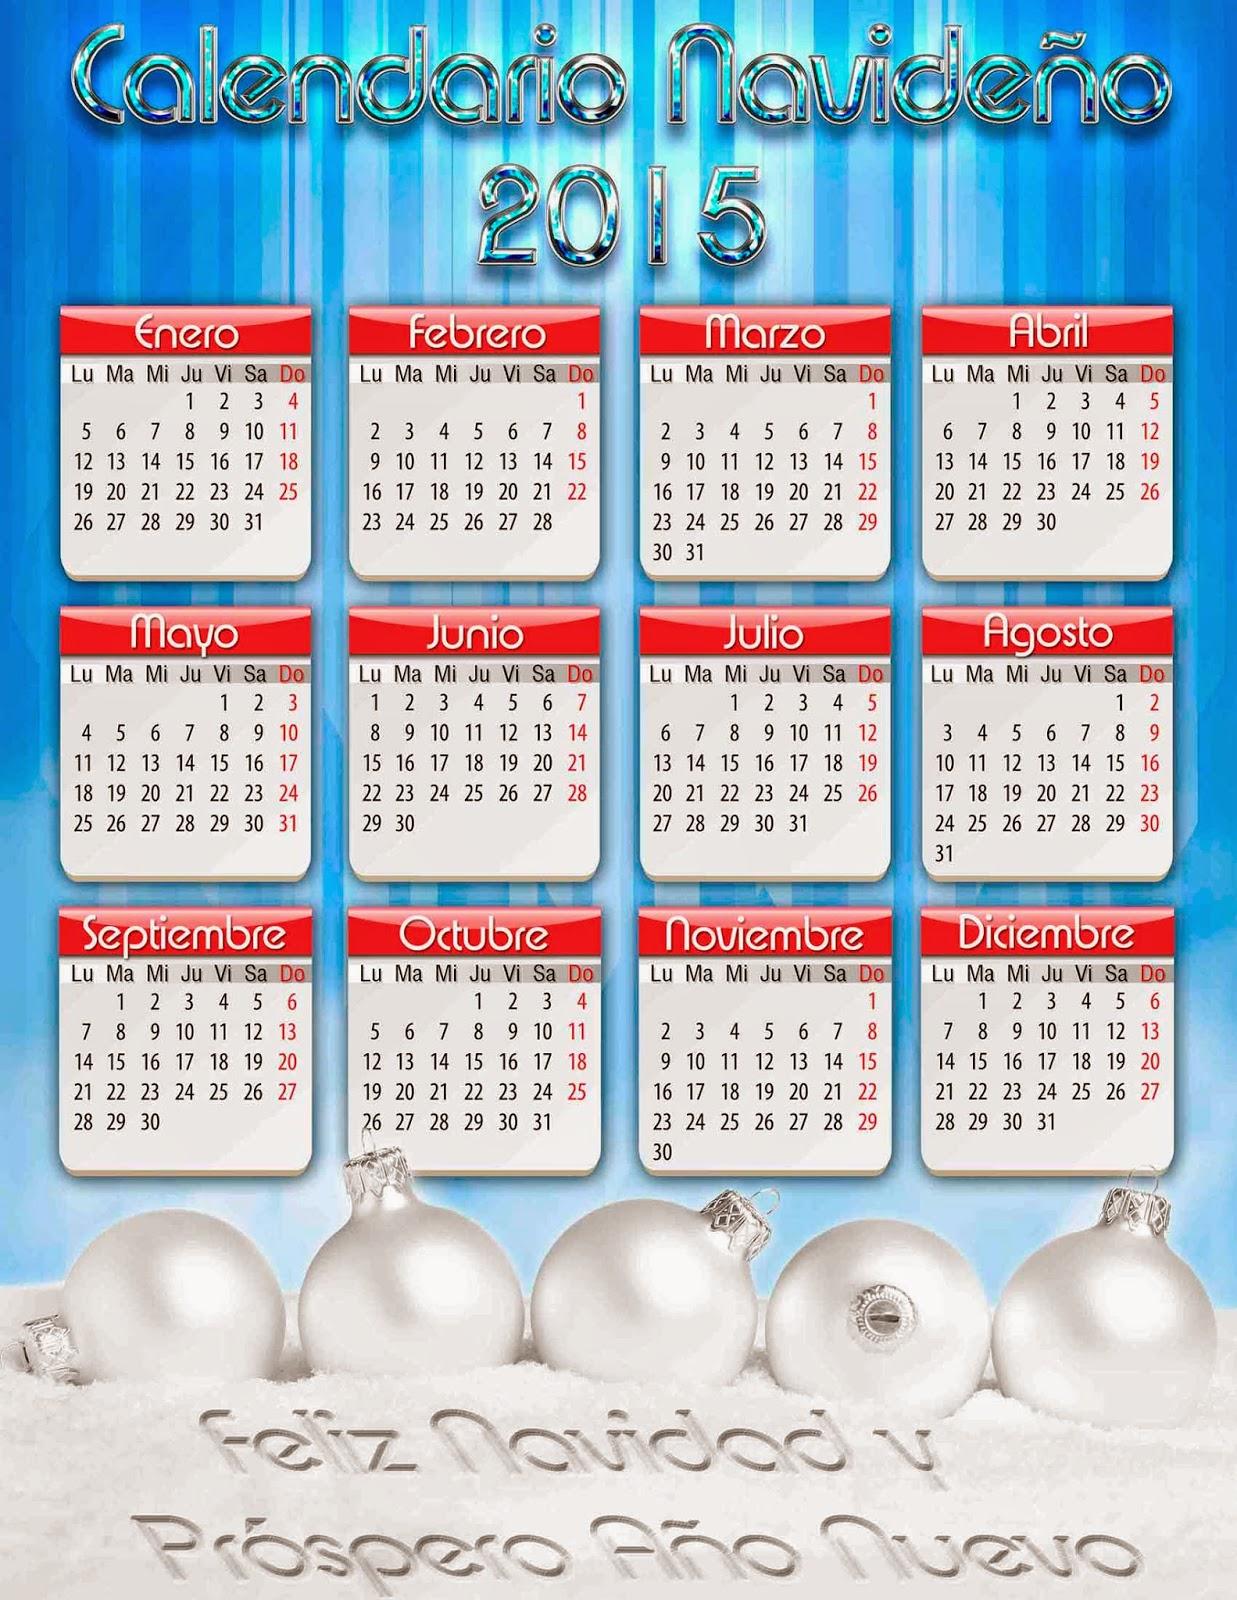 Cortina azul con hojas de un calendario 2015